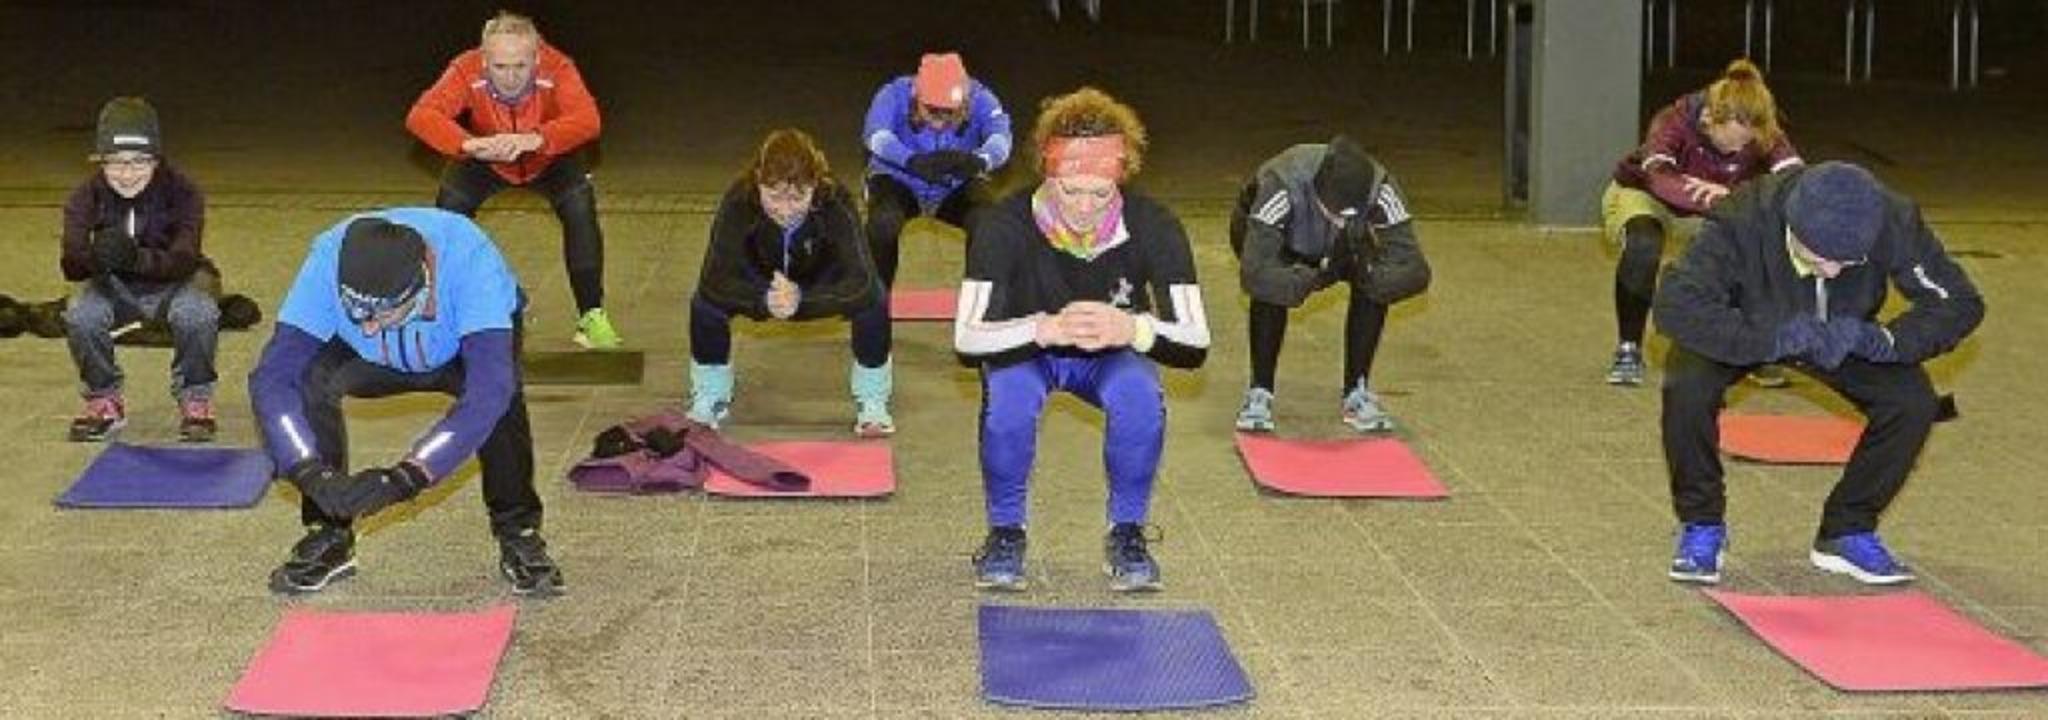 Die ersten Squats gehen noch ganz gut.... vergeht den Teilnehmern das Grinsen.     Foto: Ingo Schneider